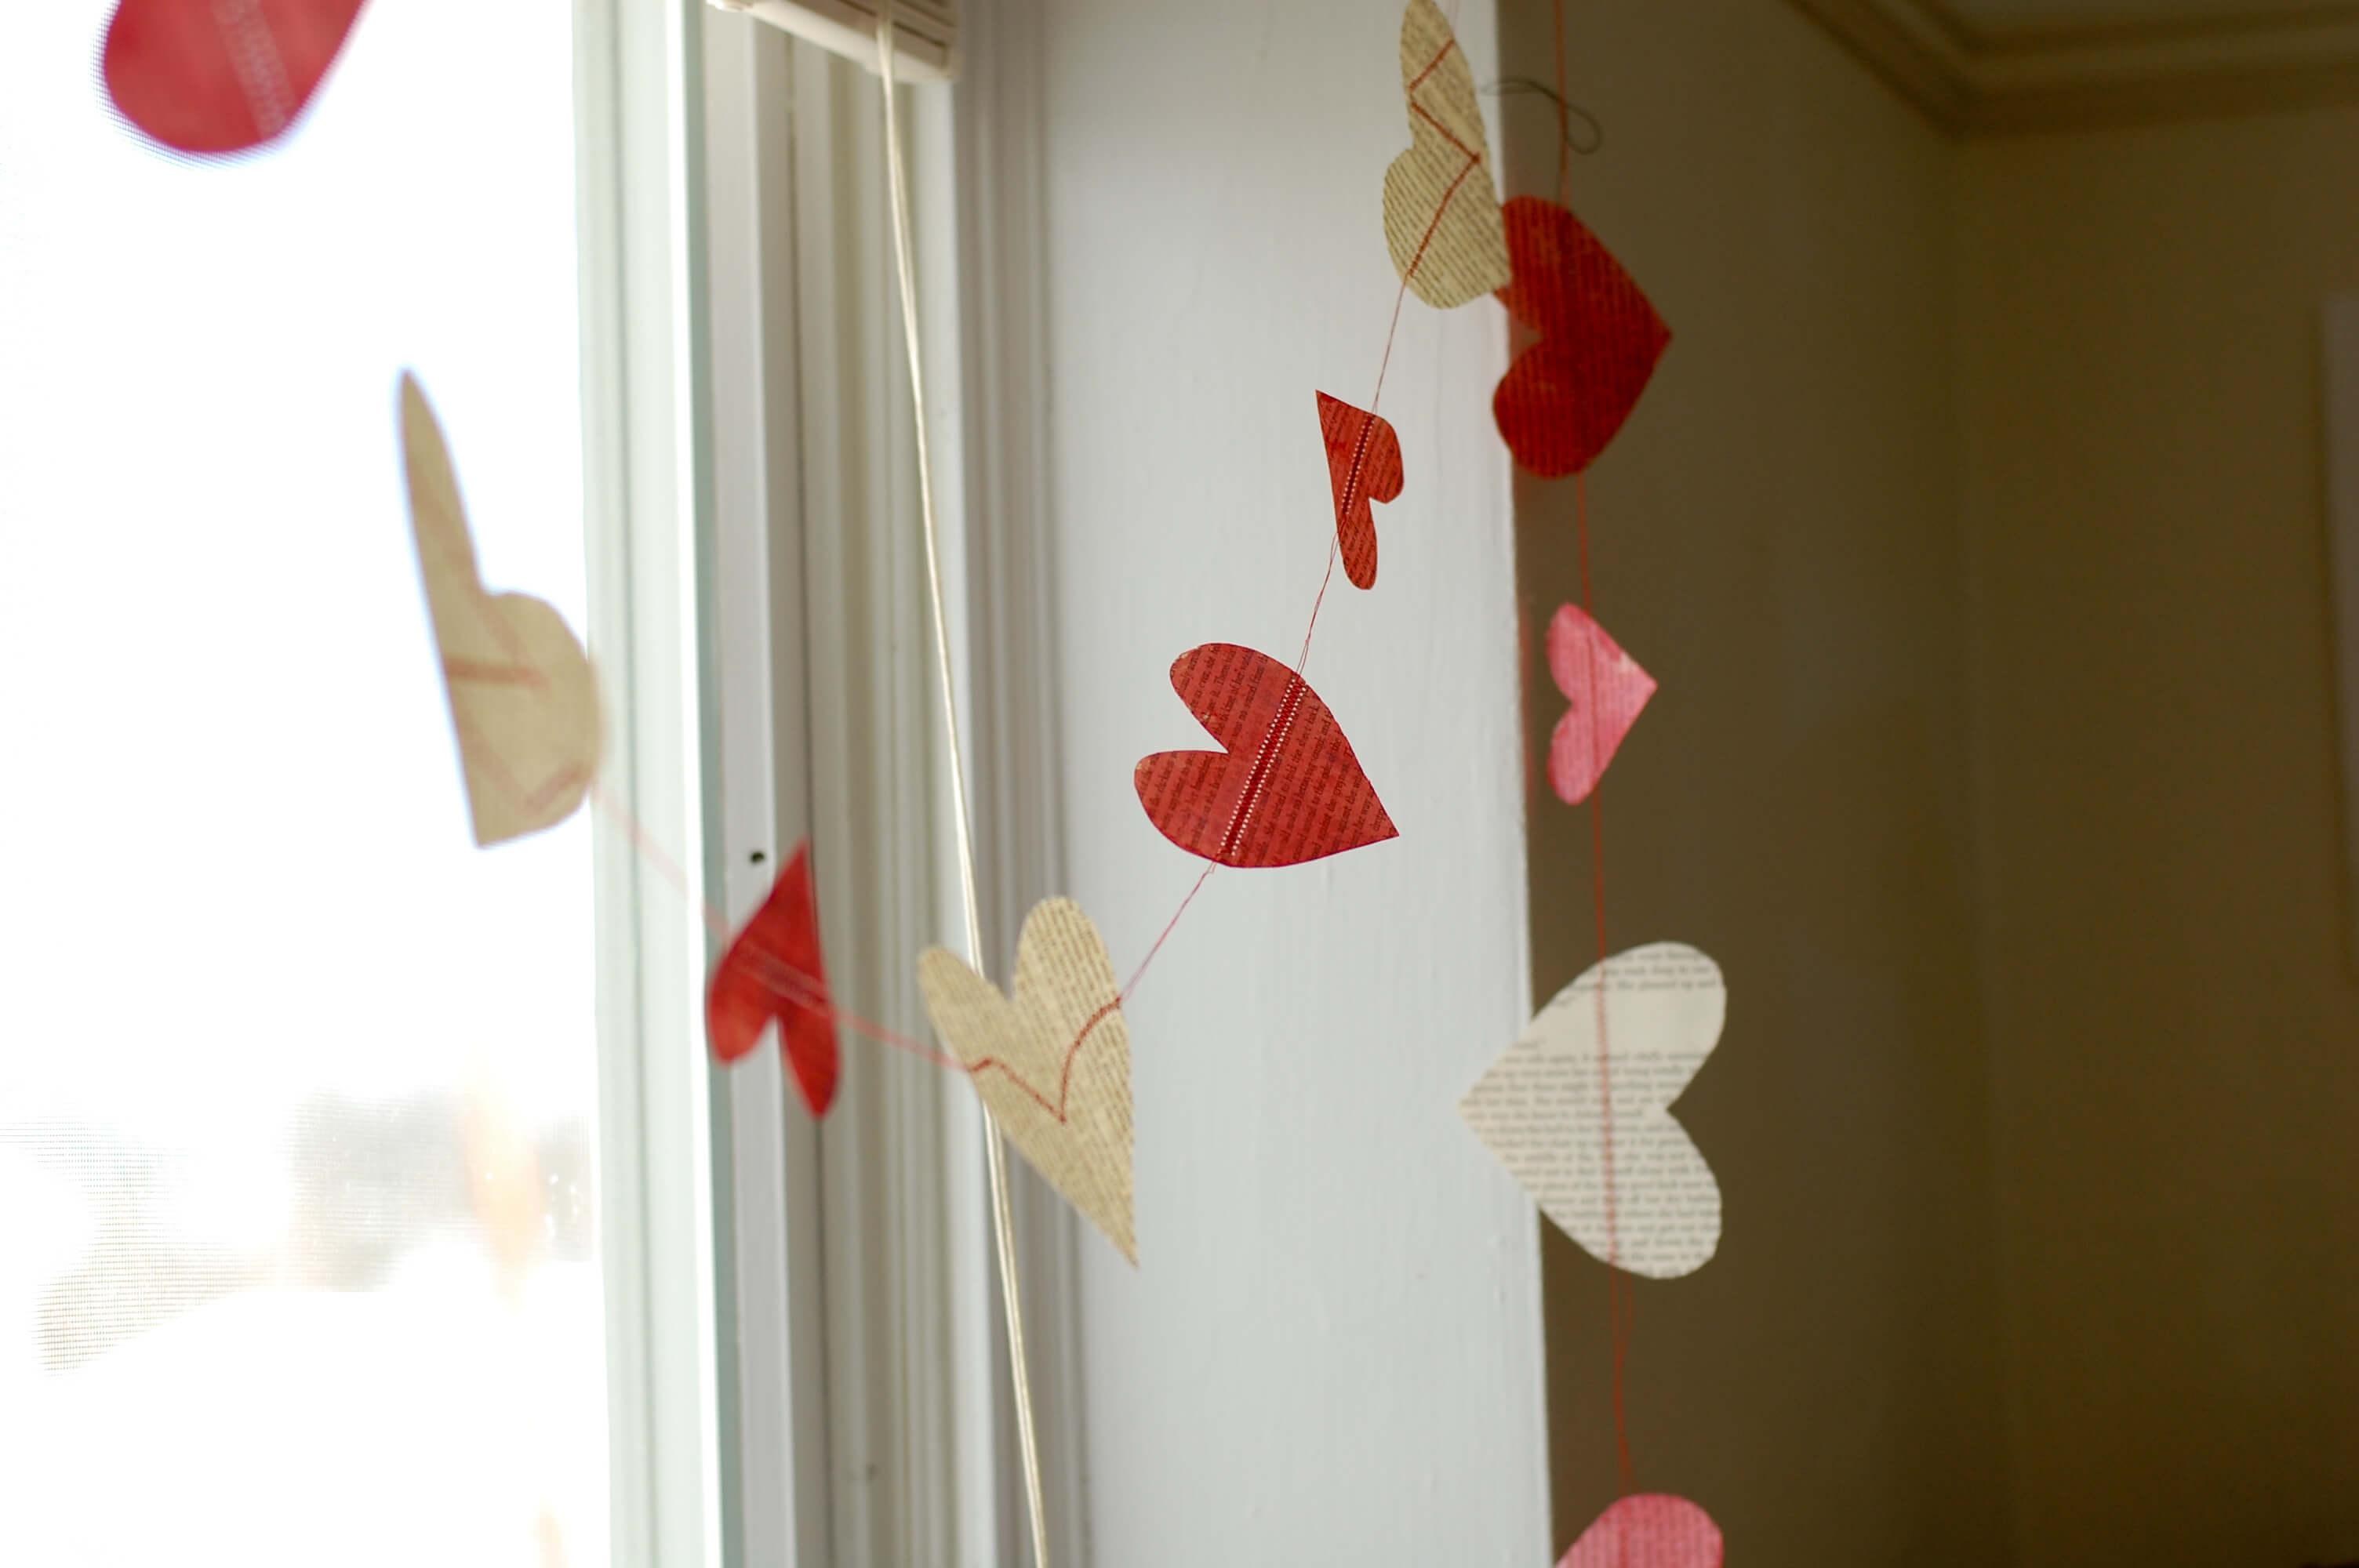 Kamer Romantisch Maken : briefjes je kamer romantisch maken op een ...